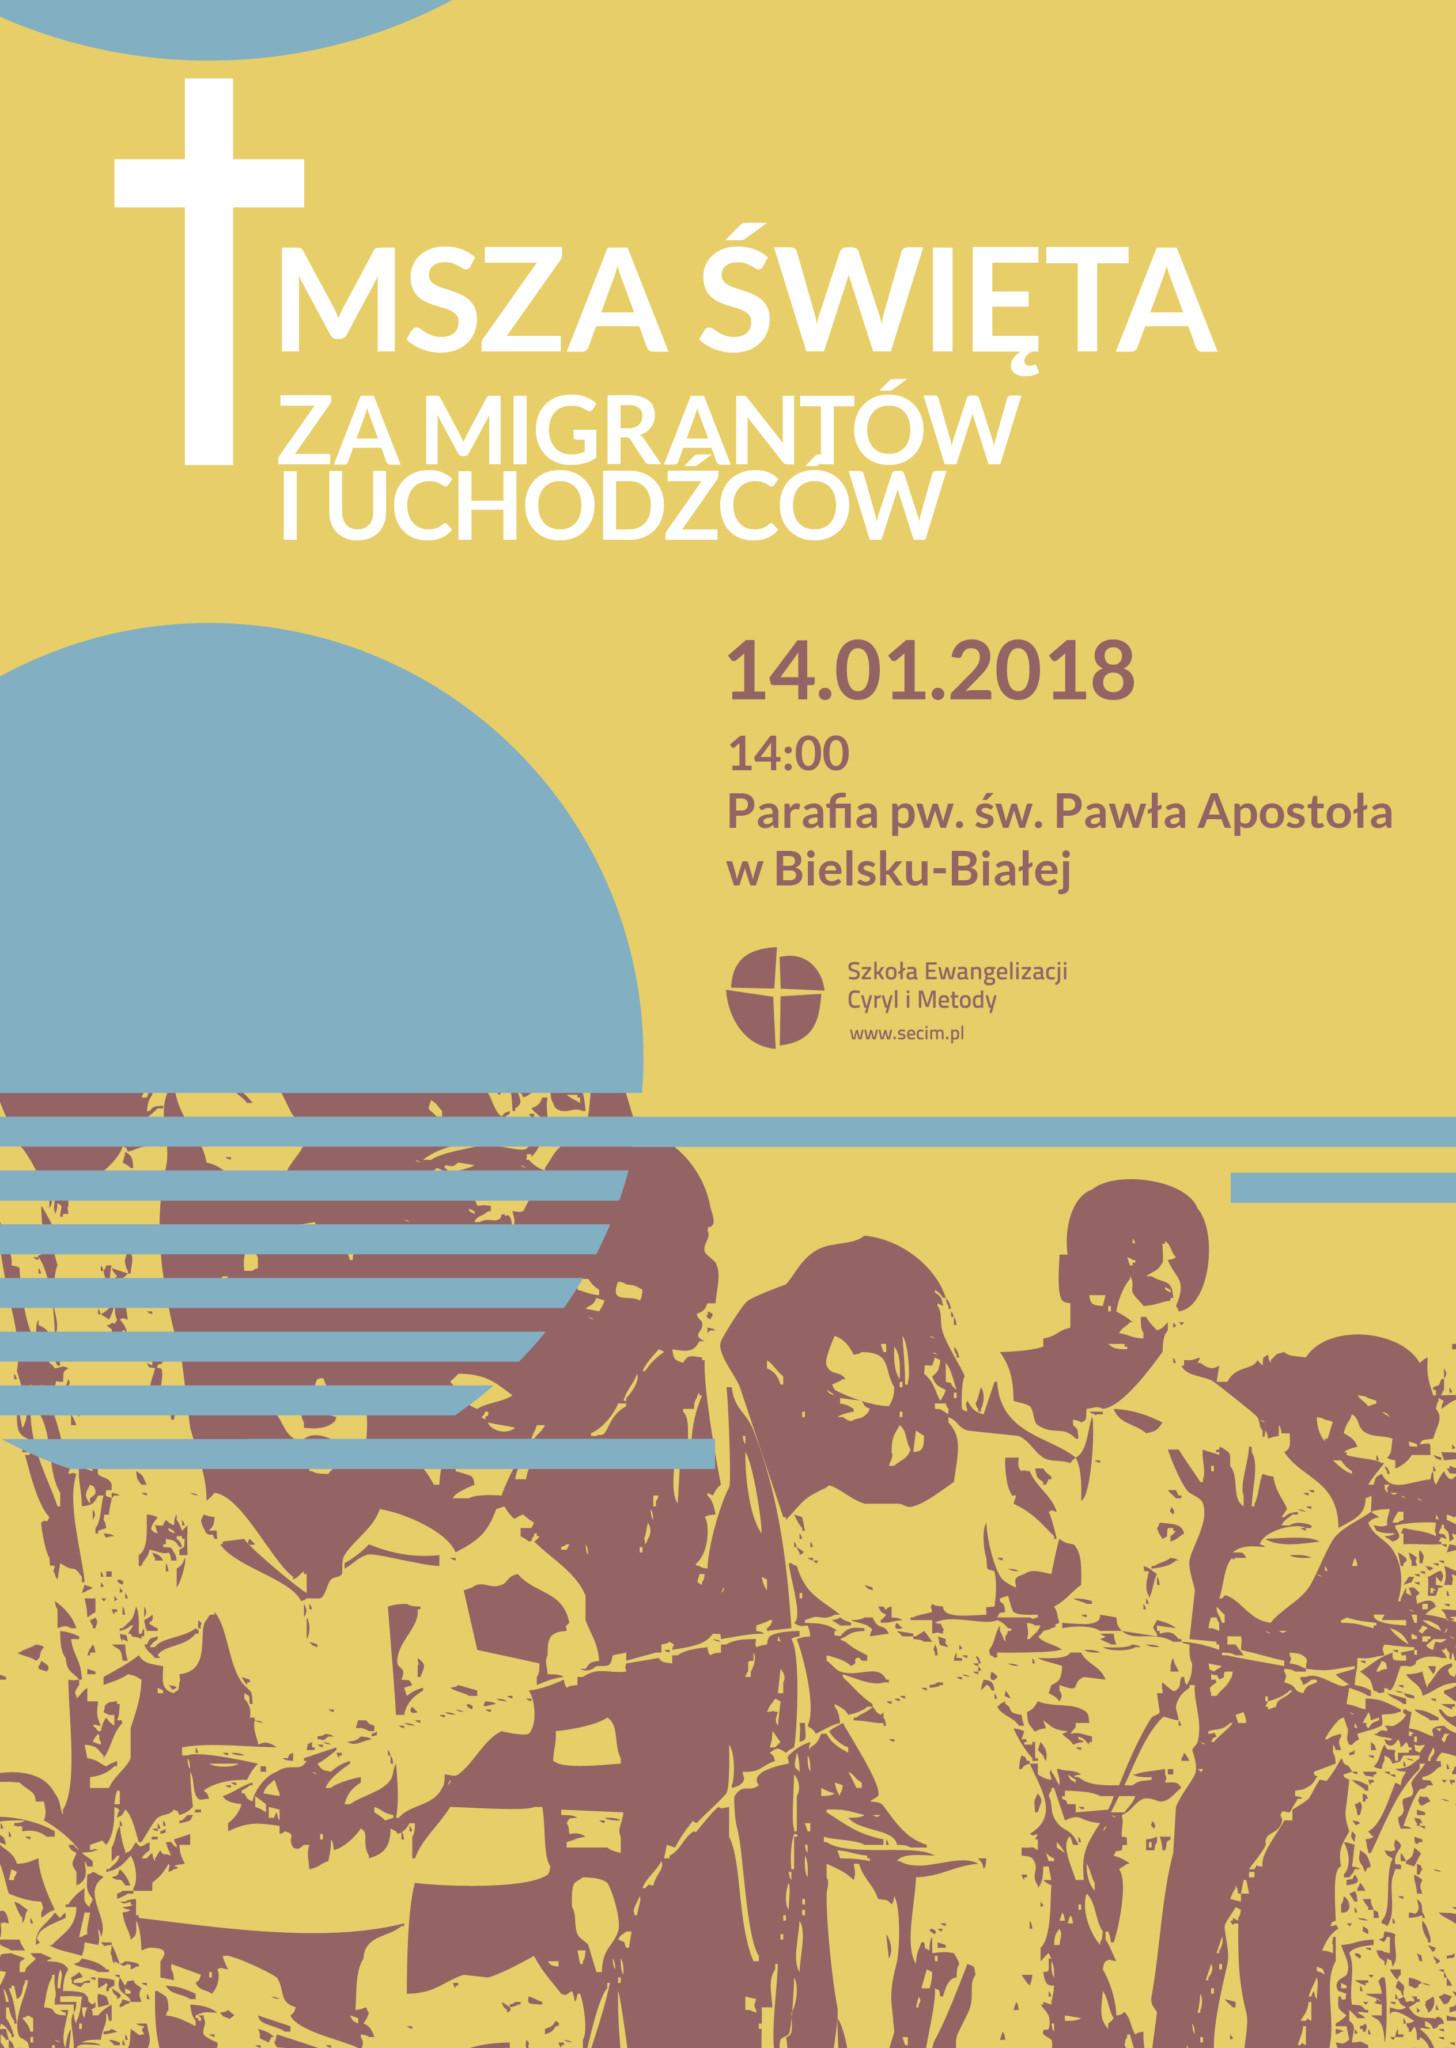 Eucharystia za migrantów i uchodźców